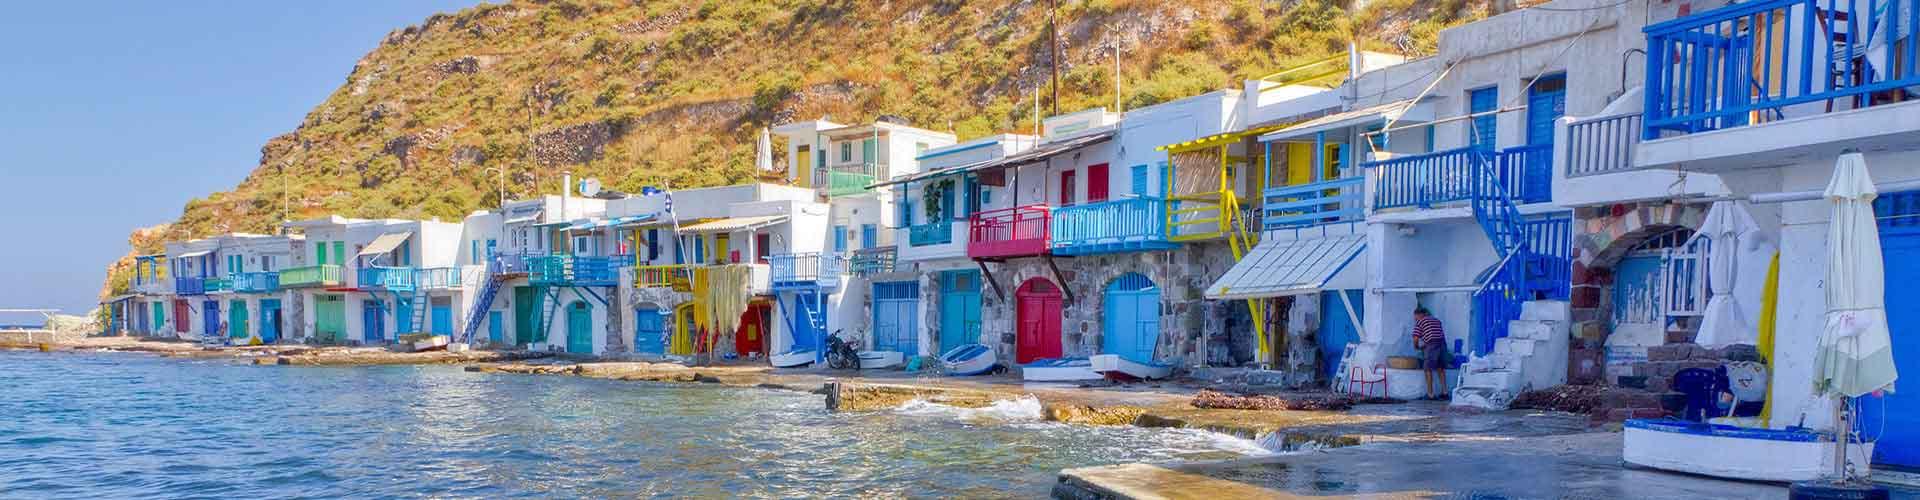 Milos - Auberges de jeunesse à Milos. Cartes pour Milos, photos et commentaires pour chaque auberge de jeunesse à Milos.